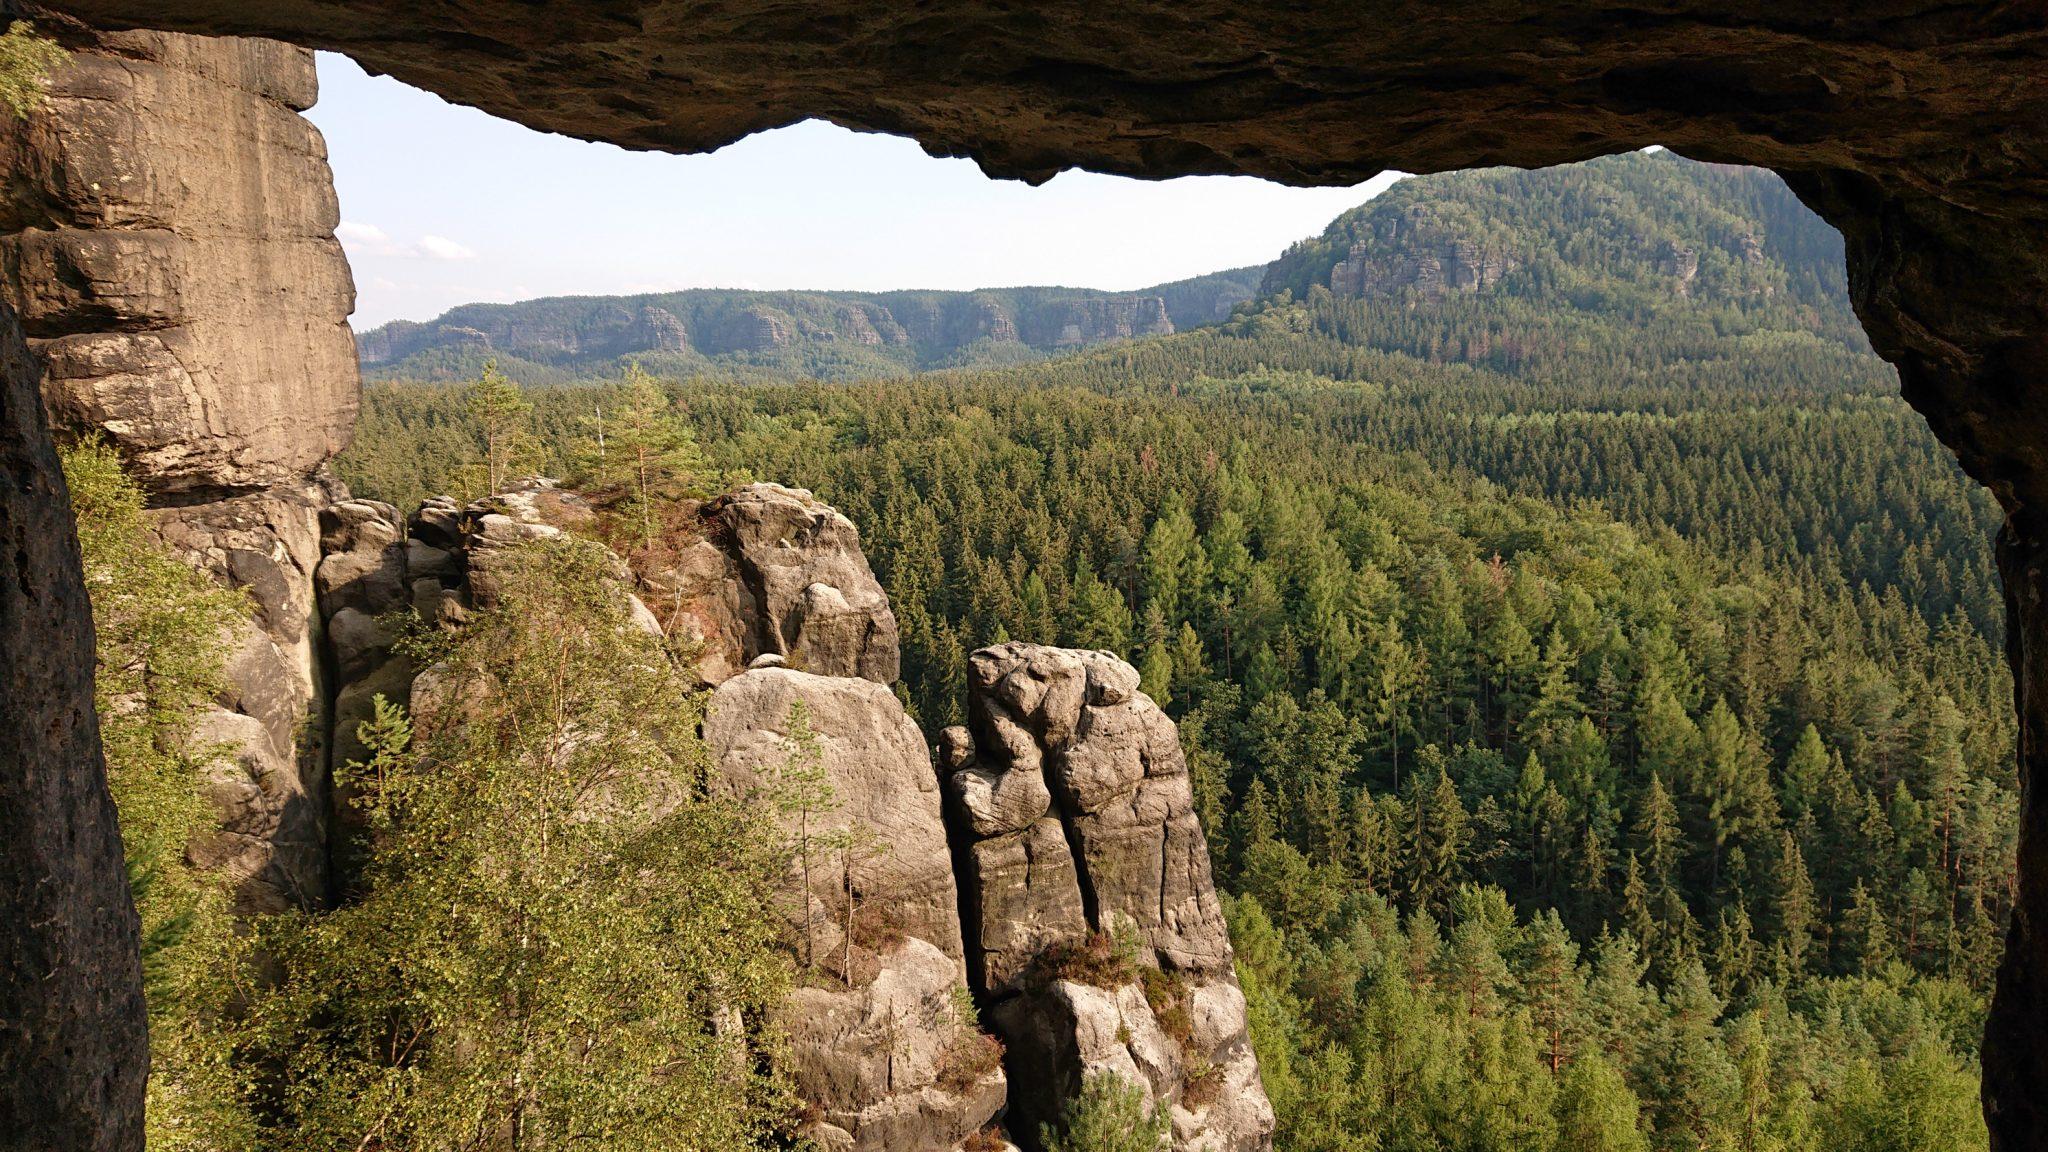 Wanderung zum Kuhstall im Kirnitzschtal, wunderbare Aussicht mit herrlichem Wetter auf das Wanderparadies sächsische Schweiz, riesiger Felsennationalpark mit schönem Wald